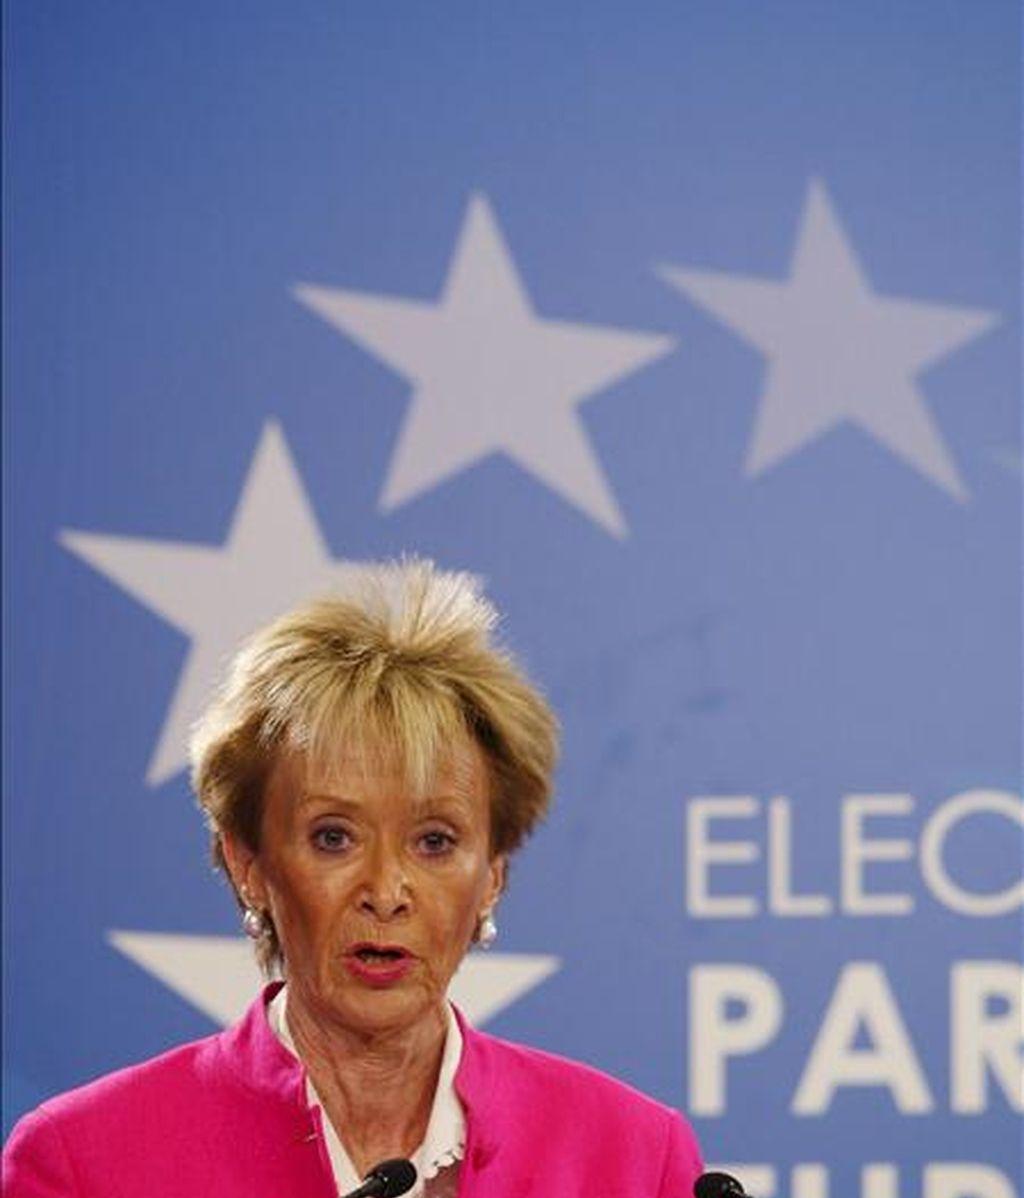 La vicepresidenta primera del Gobierno, María Teresa Fernández de la Vega, durante la rueda de prensa ofrecida en el Palacio de Congresos de Madrid. EFE